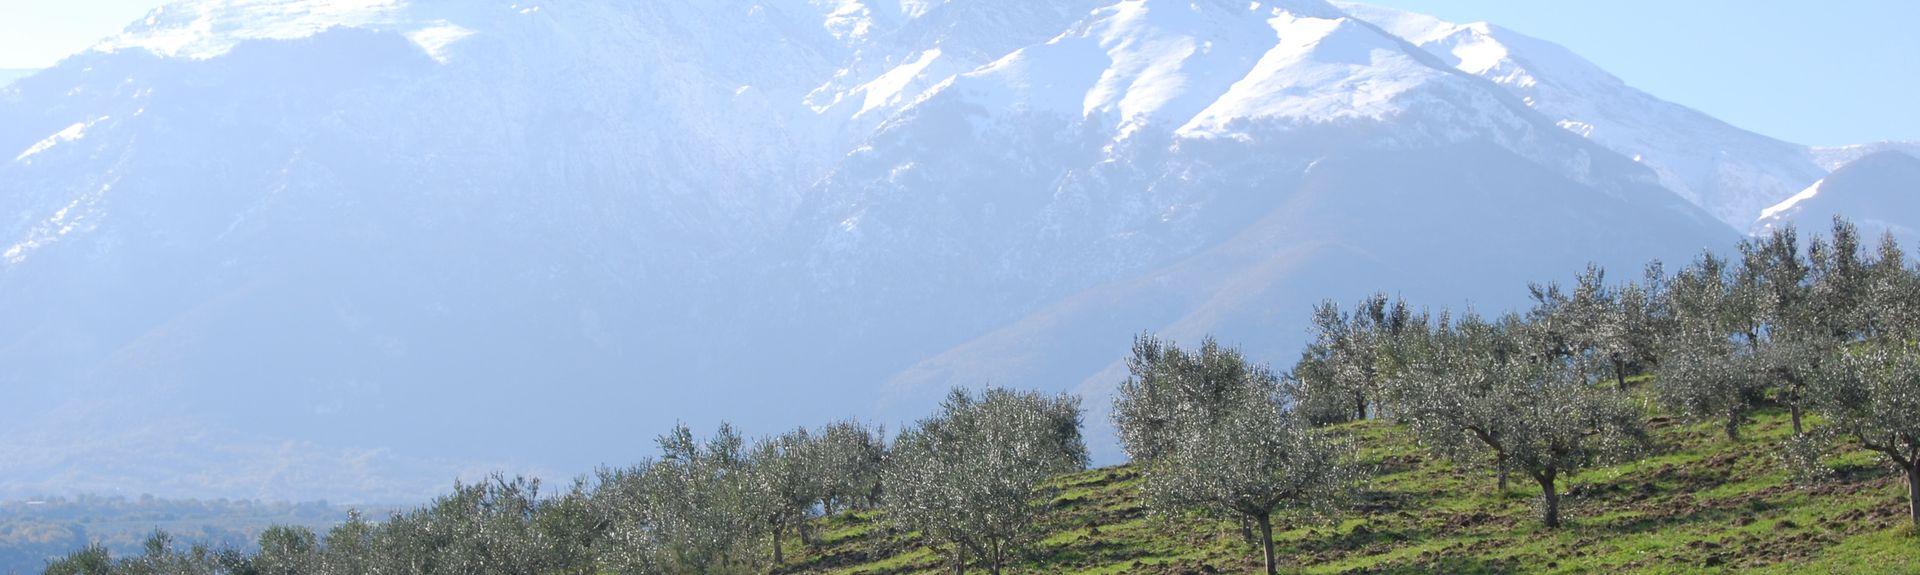 Roccascalegna, Chieti, Abruzzo, Italy